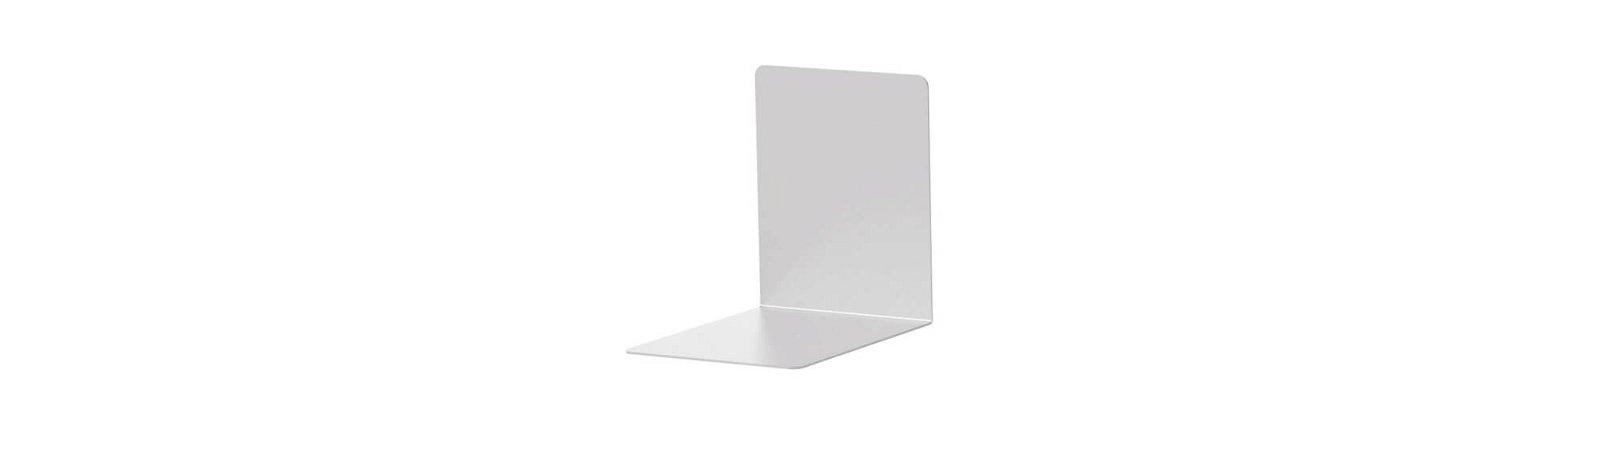 Buchstützen aus Aluminium, 10 x 8 x 10 cm, aluminium